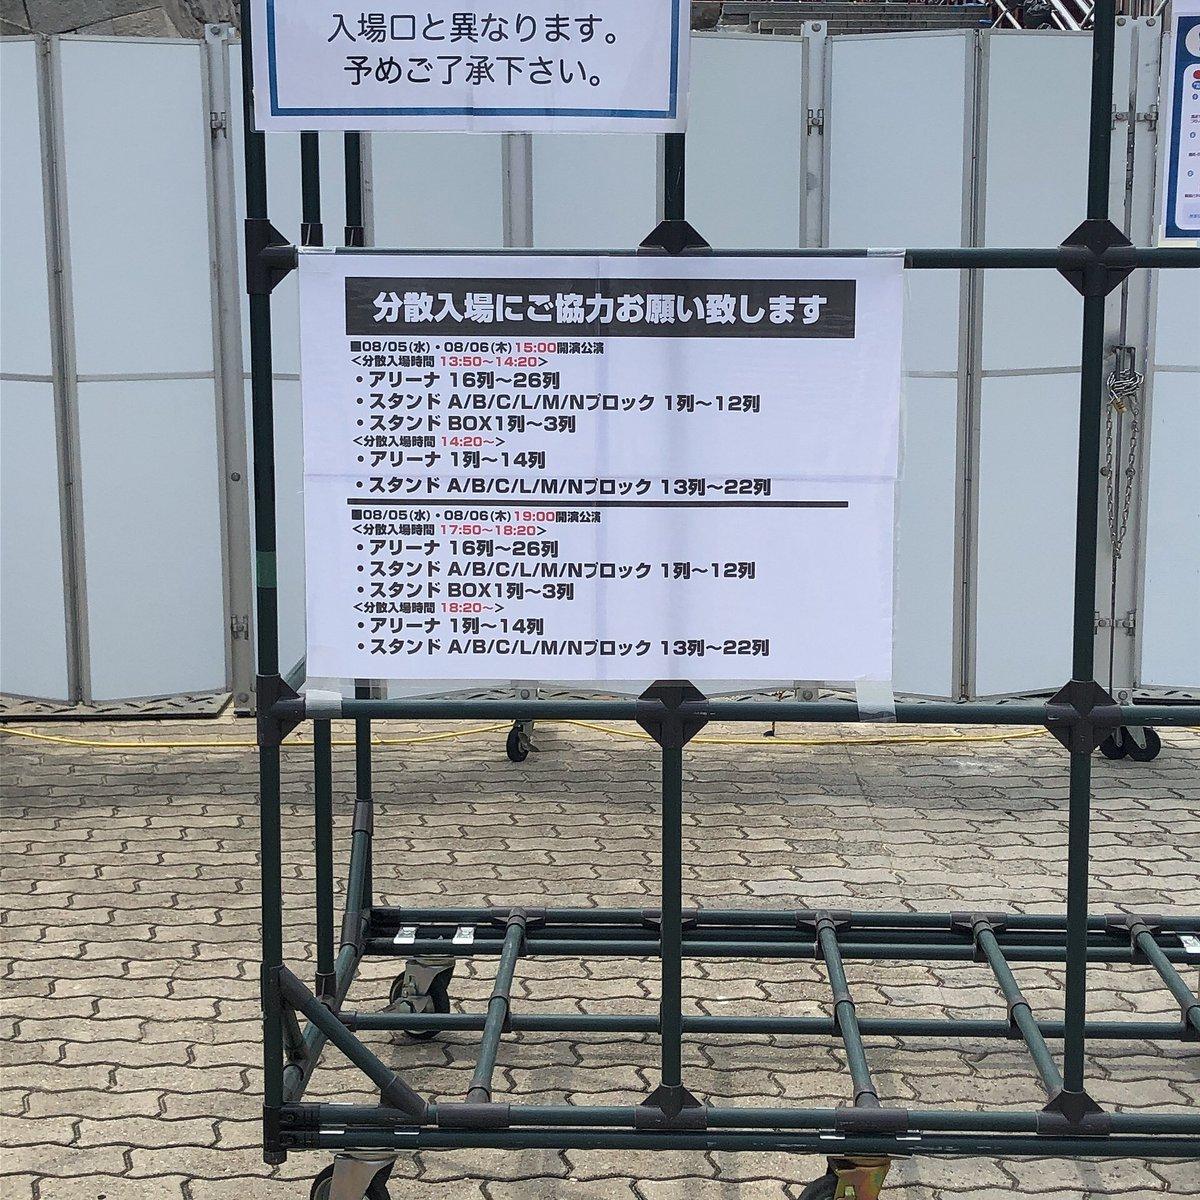 亮 ファンミーティング 錦戸